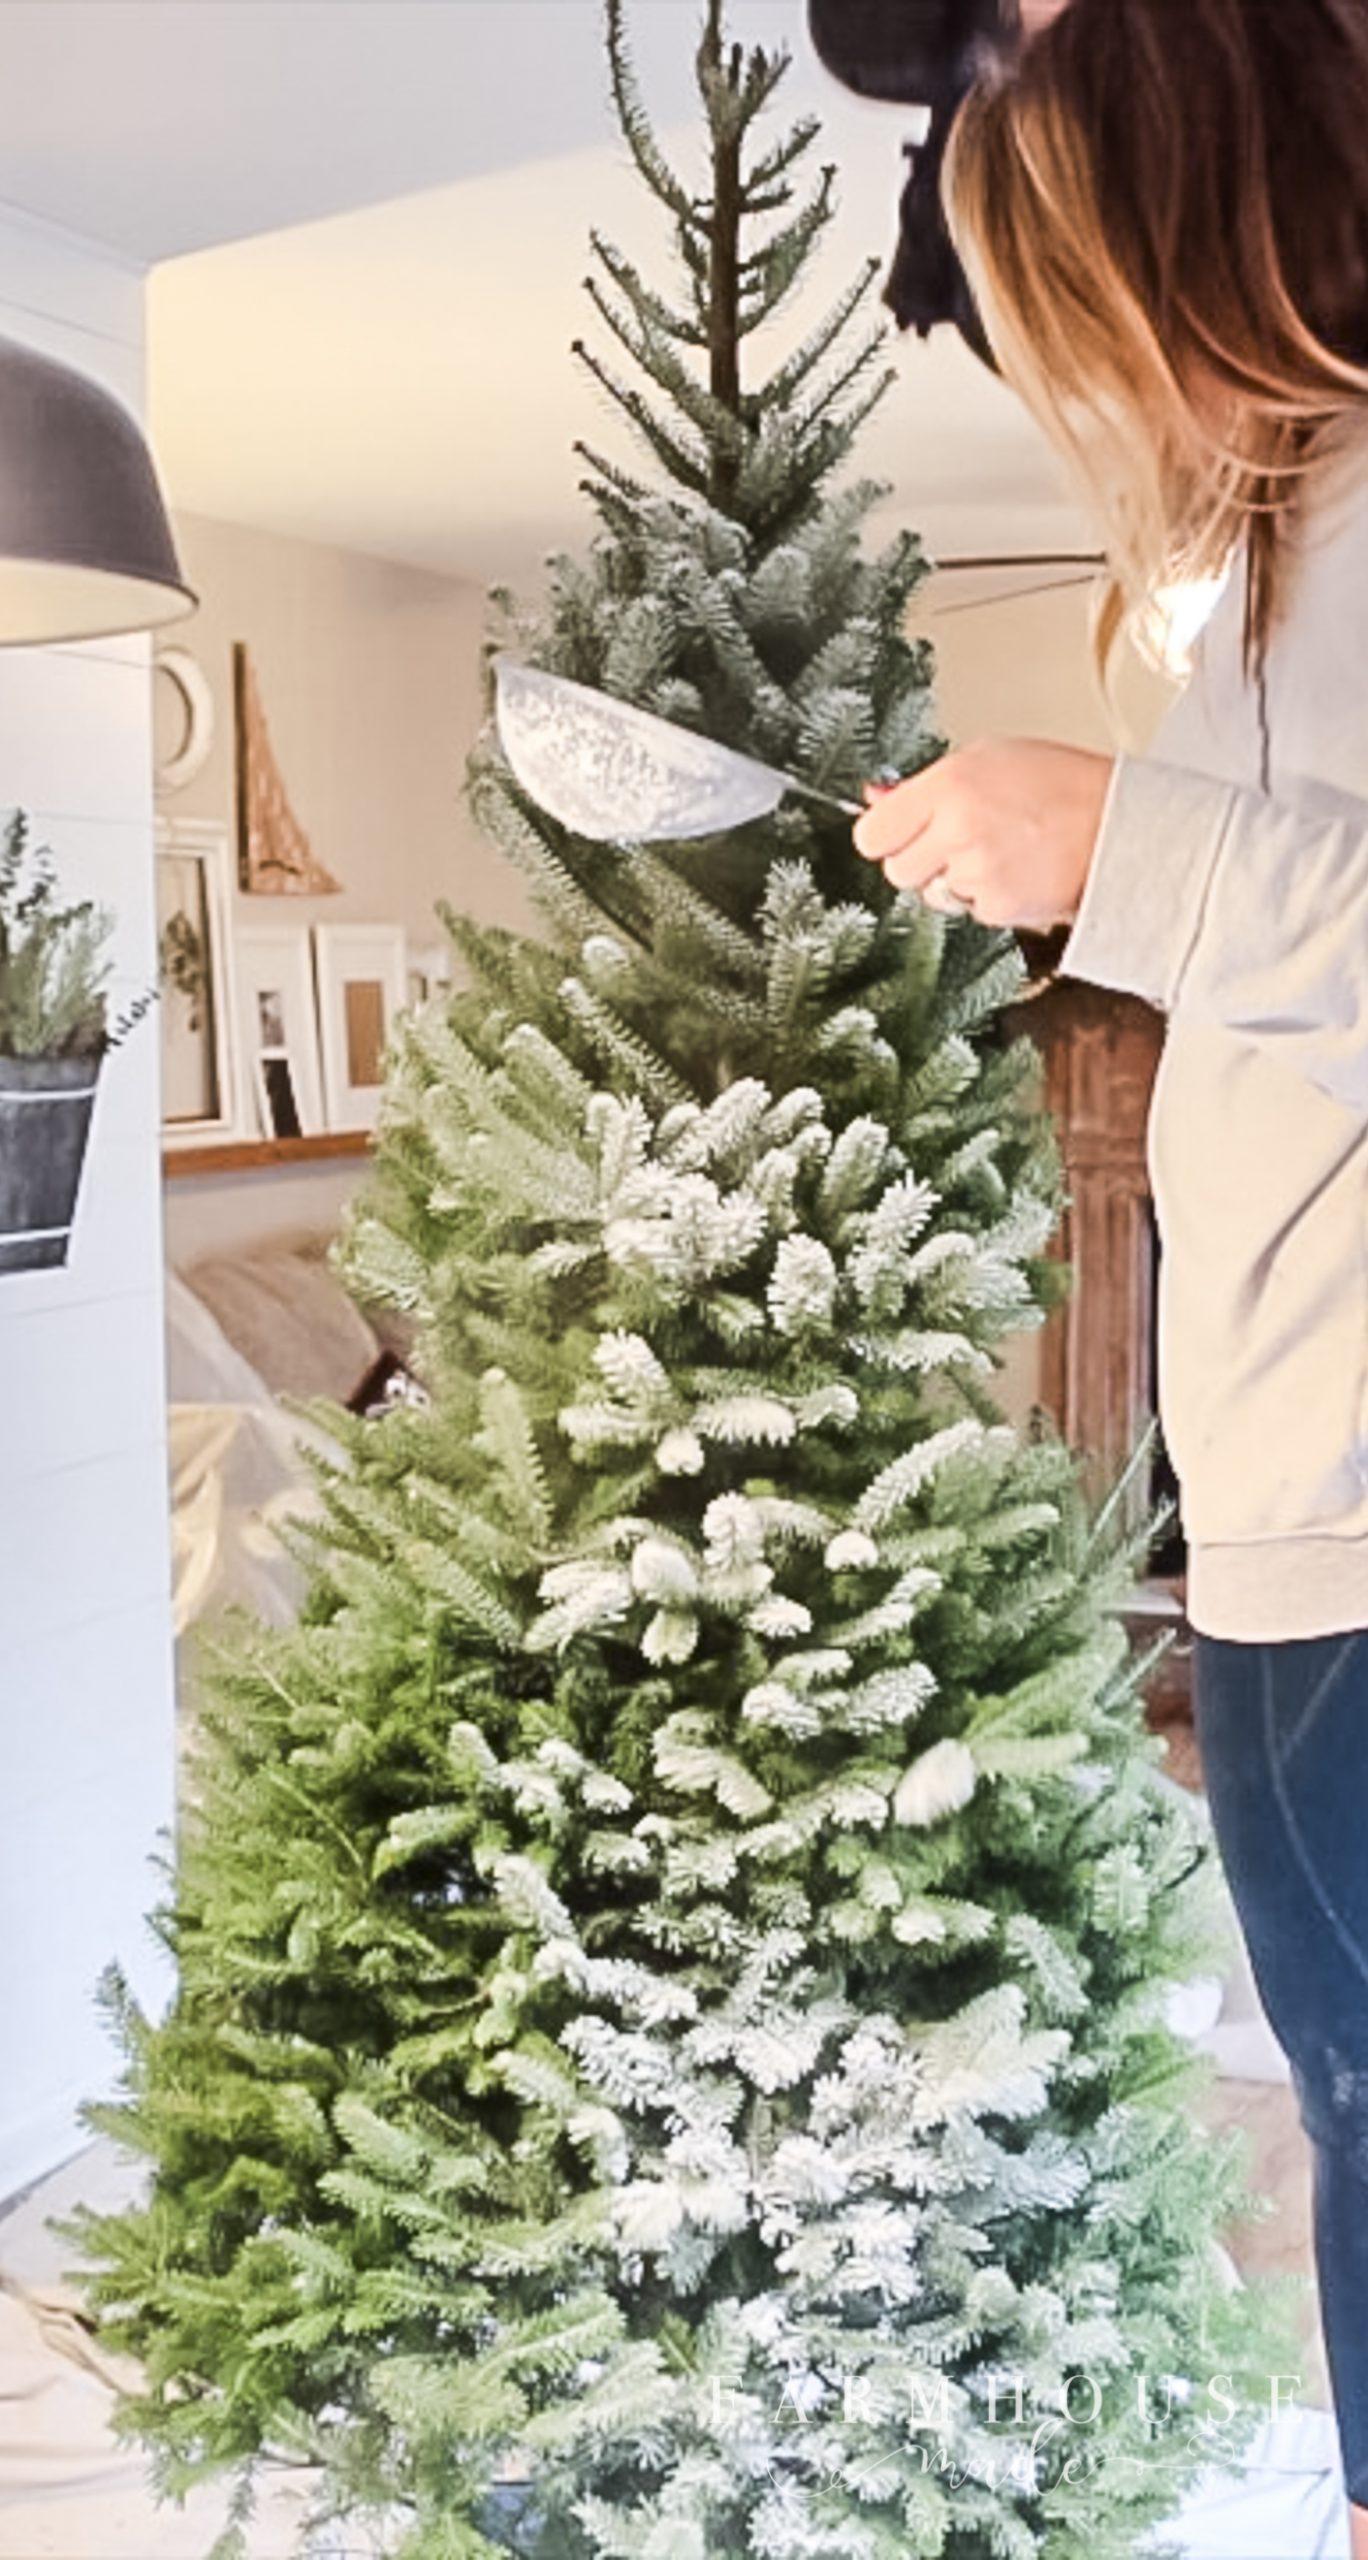 Flocking-A-Christmas-Tree-15 - F A R M H O U S E . M A D E